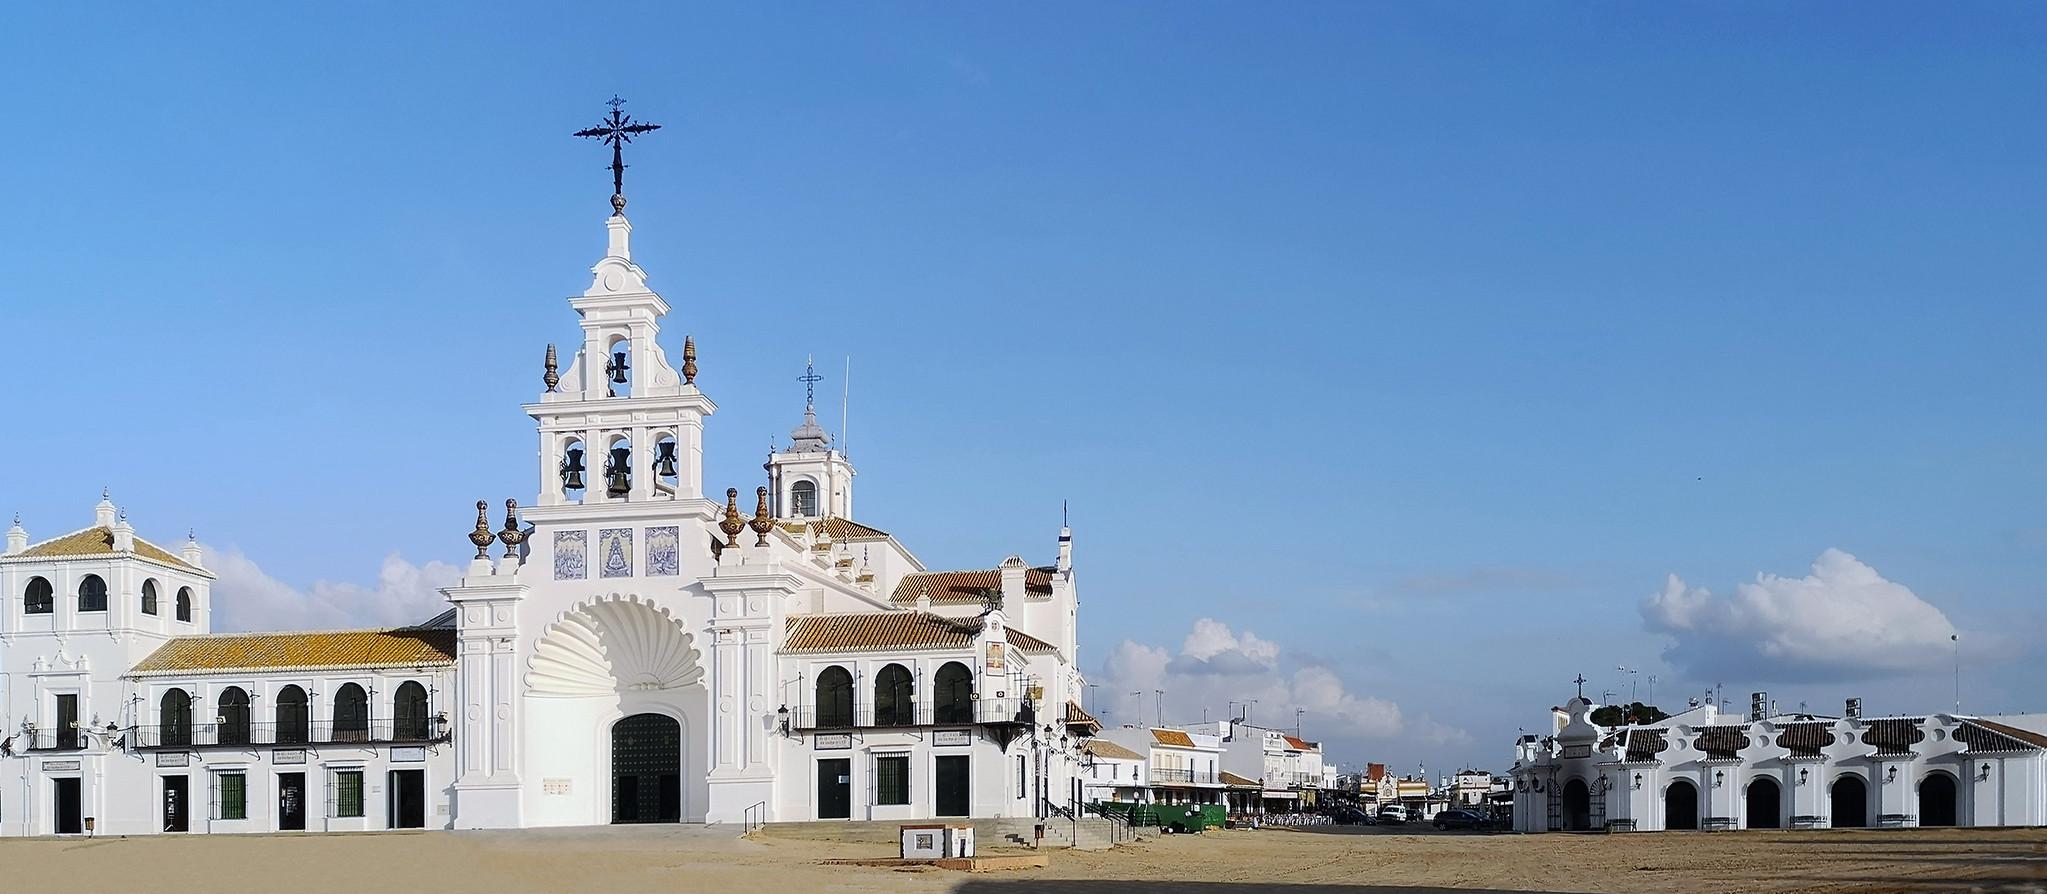 exterior Santuario de la Virgen del Rocio en Almonte Huelva